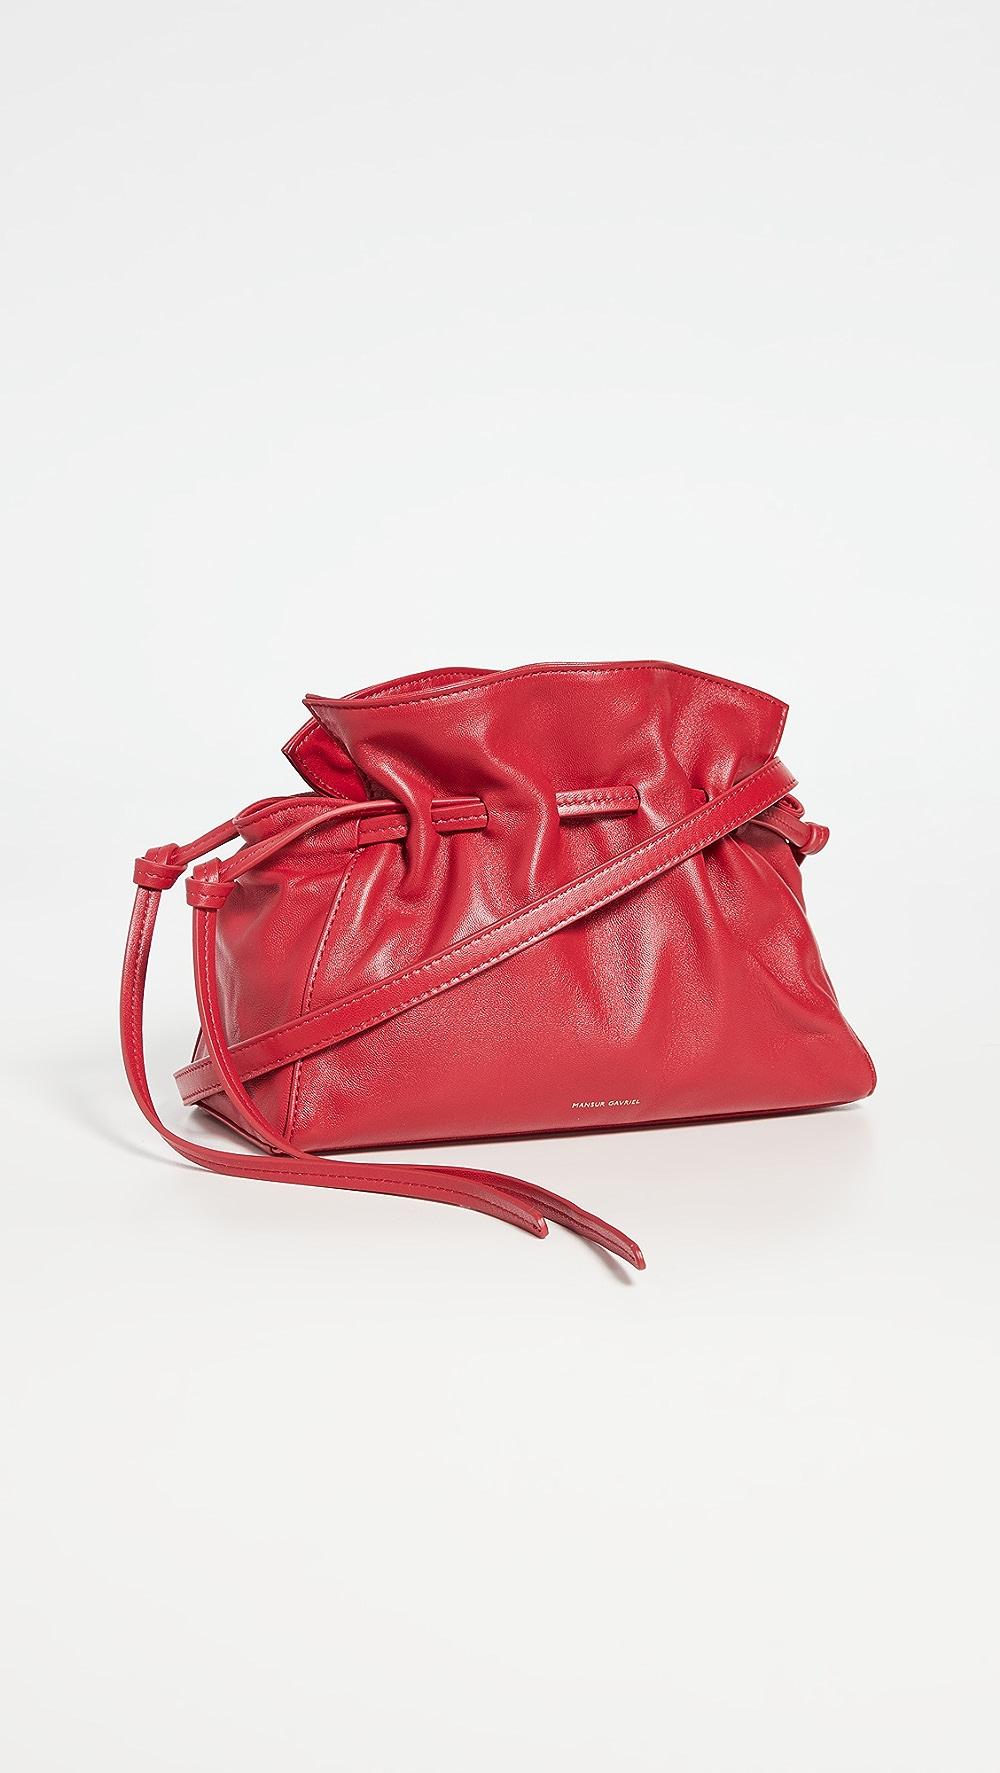 Objective Mansur Gavriel - Mini Protea Bag Buy Now